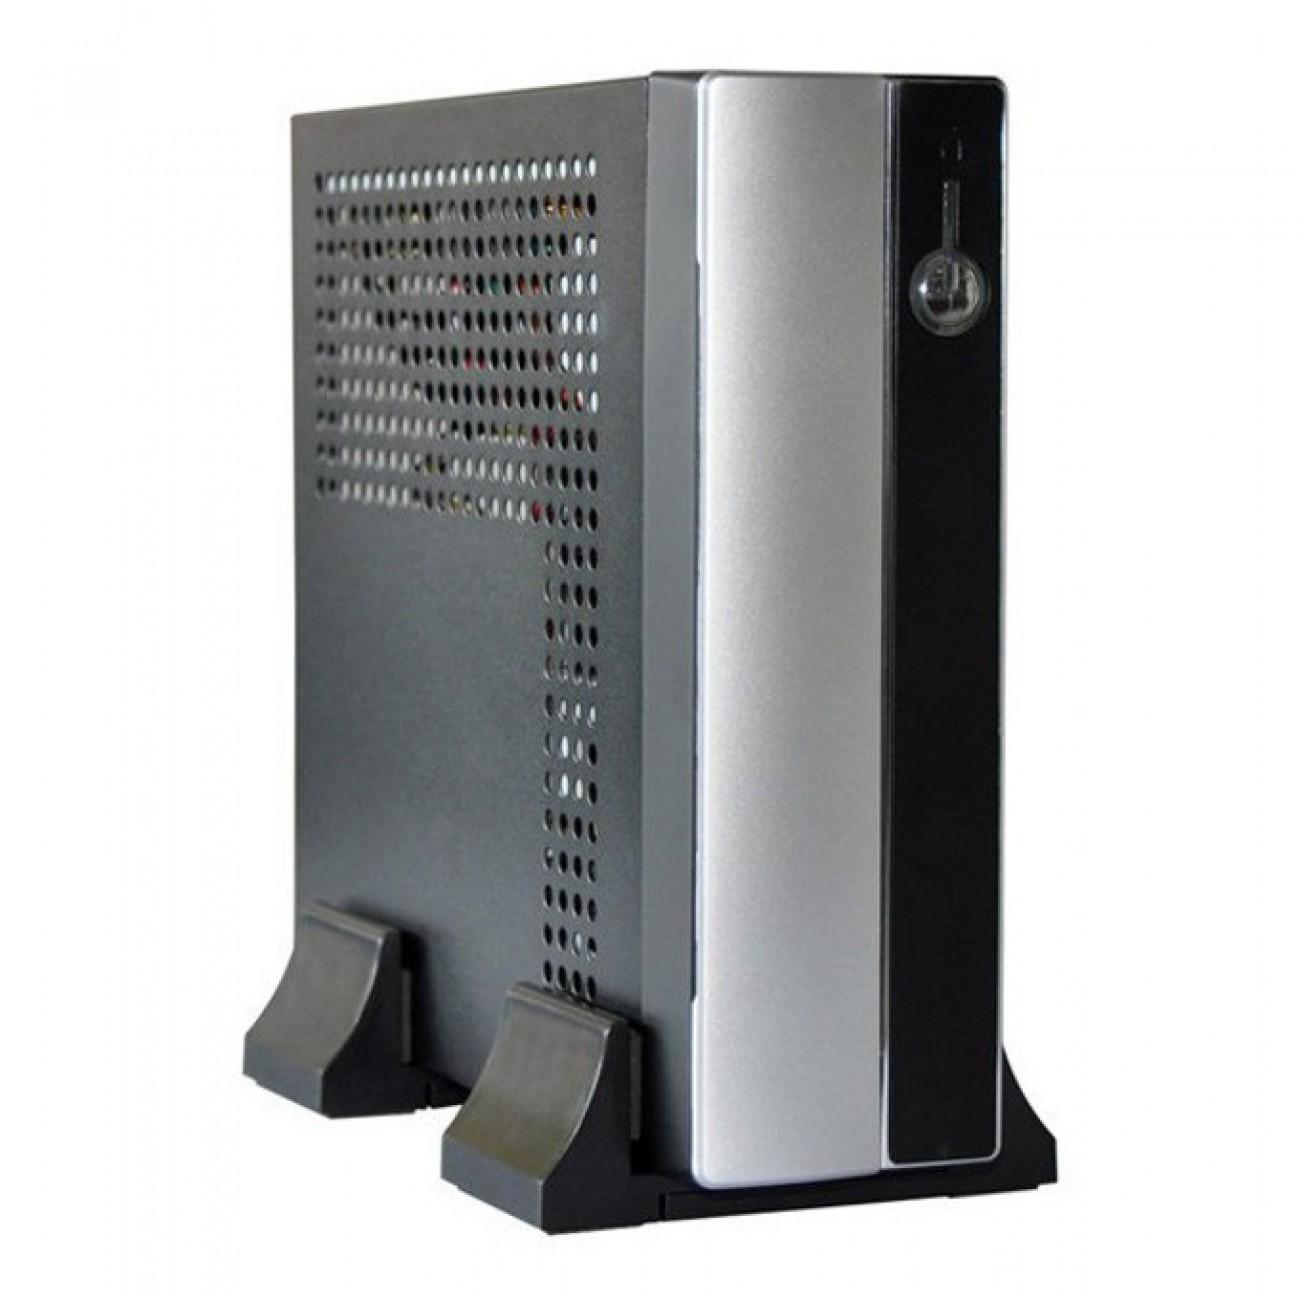 Кутия Realan E-mini E-3002, Mini-ITX, 2x USB2.0, E-SATA, 120W DC-DC, 12V/5A AC Adapter в Компютърни кутии -  | Alleop